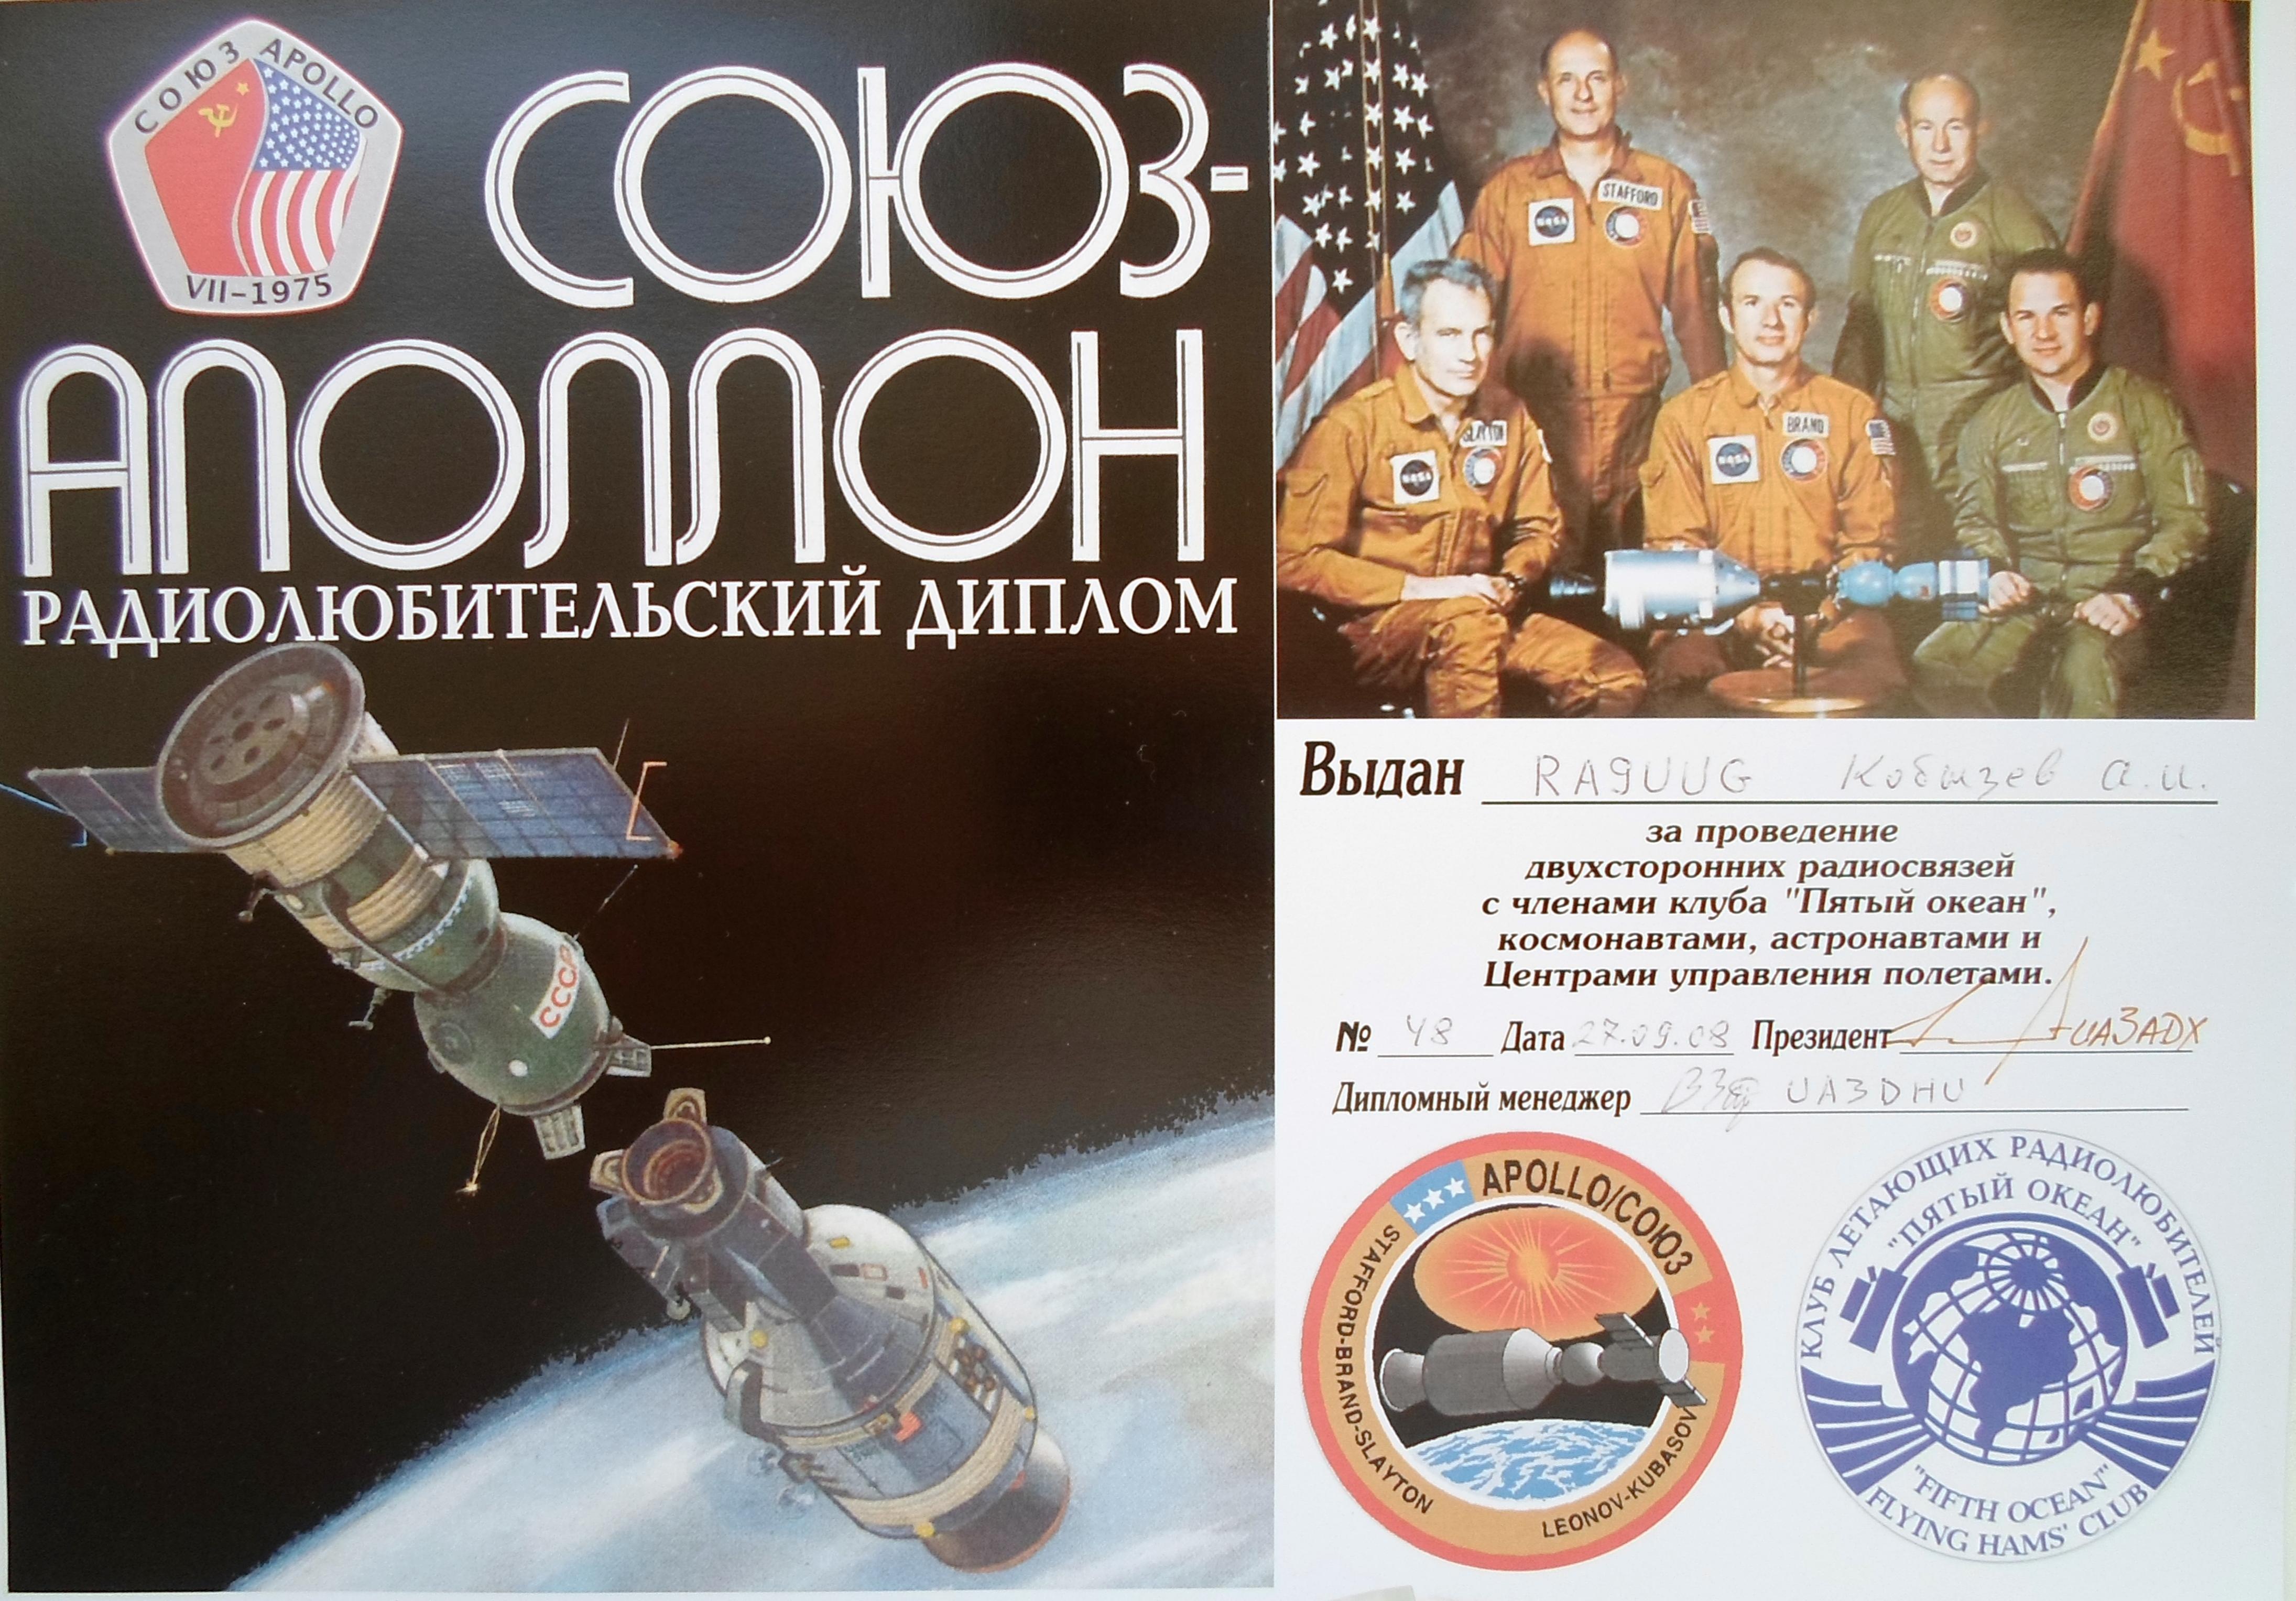 Нажмите на изображение для увеличения.  Название:5 Союз-Аполлон.jpg Просмотров:109 Размер:1.16 Мб ID:126185